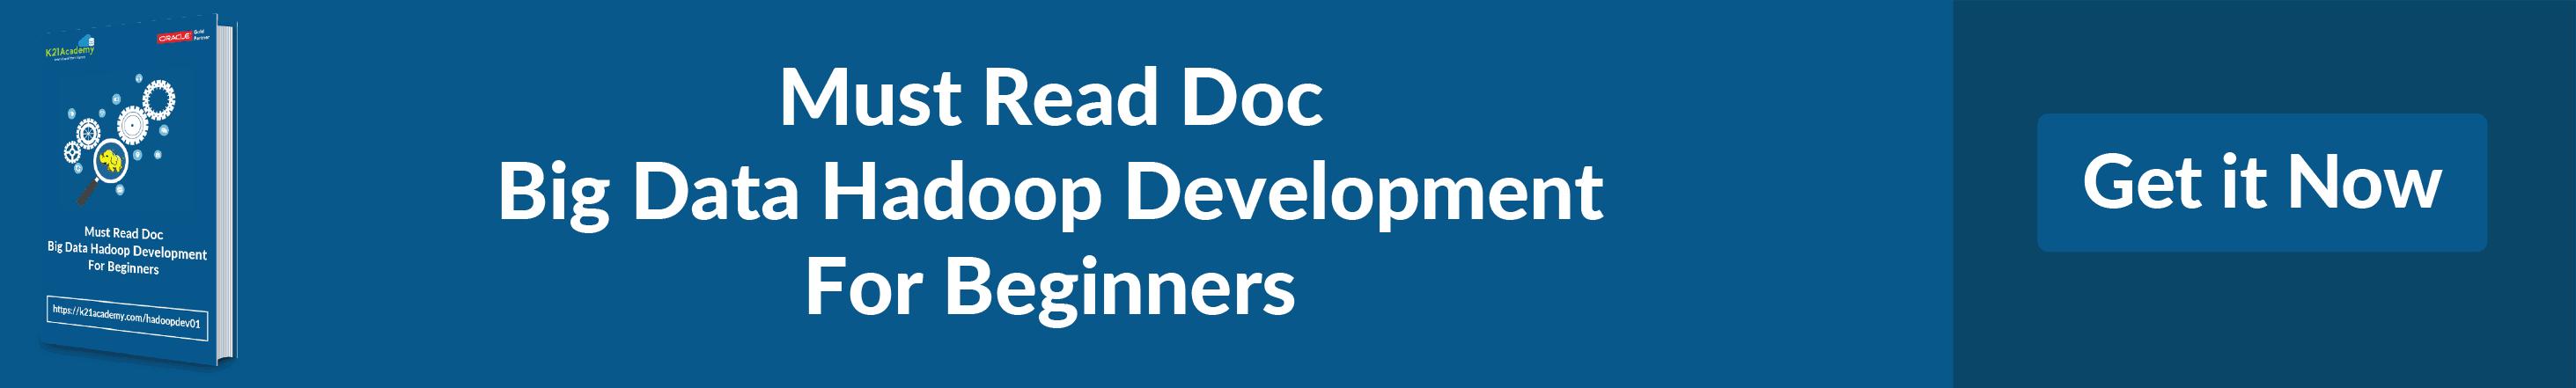 Must read Doc Big Data Hadoop Development